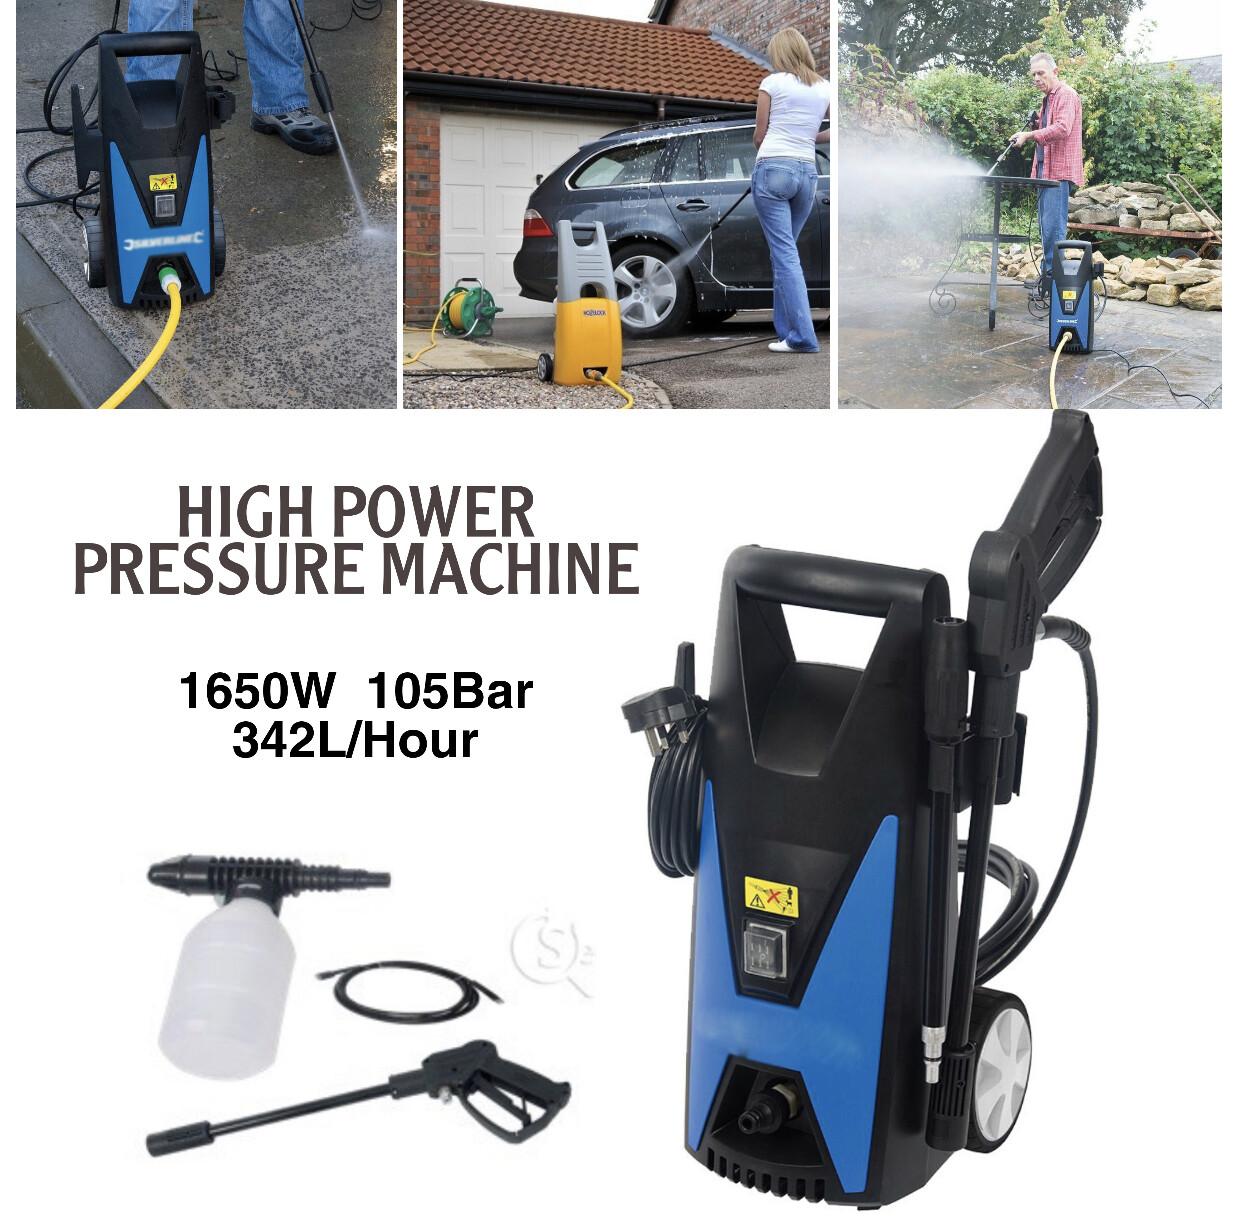 KSM Pressure Machine